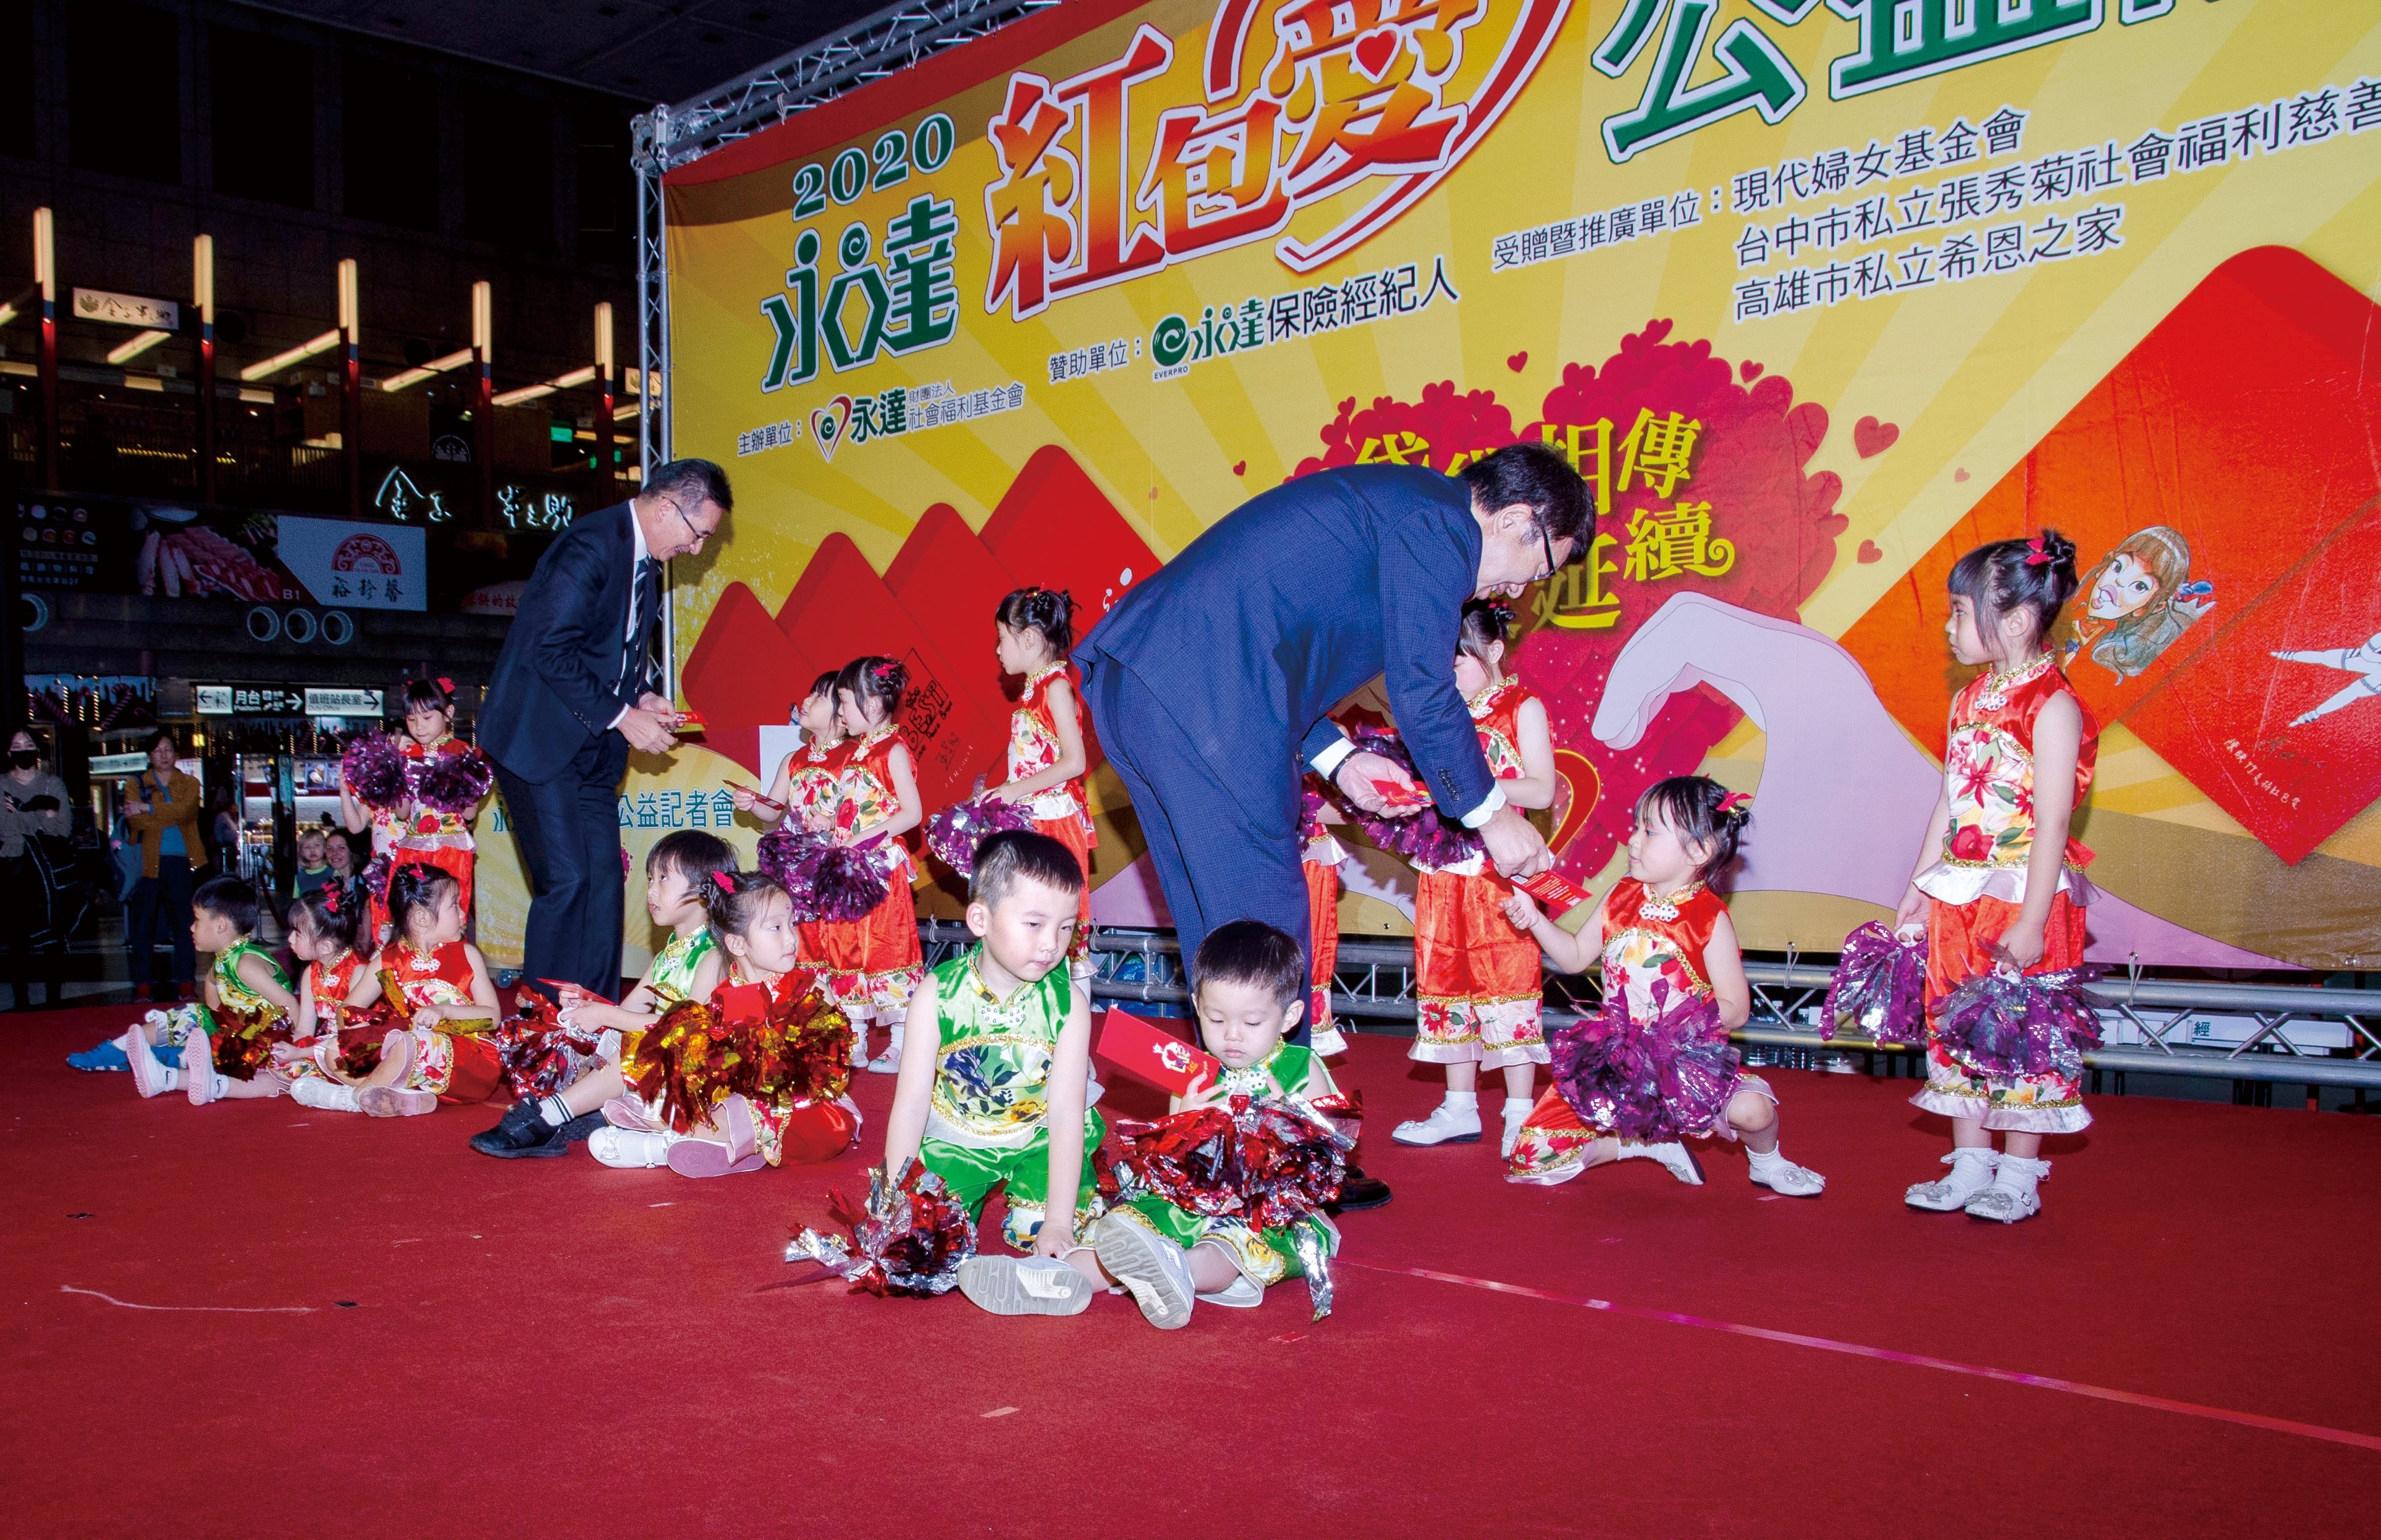 南佳幼兒園可愛的院生帶來精彩的開場表演後,吳董事長、陳總經理發給每位孩子代表平安吉祥、萬事如意、喜氣洋洋的紅包。